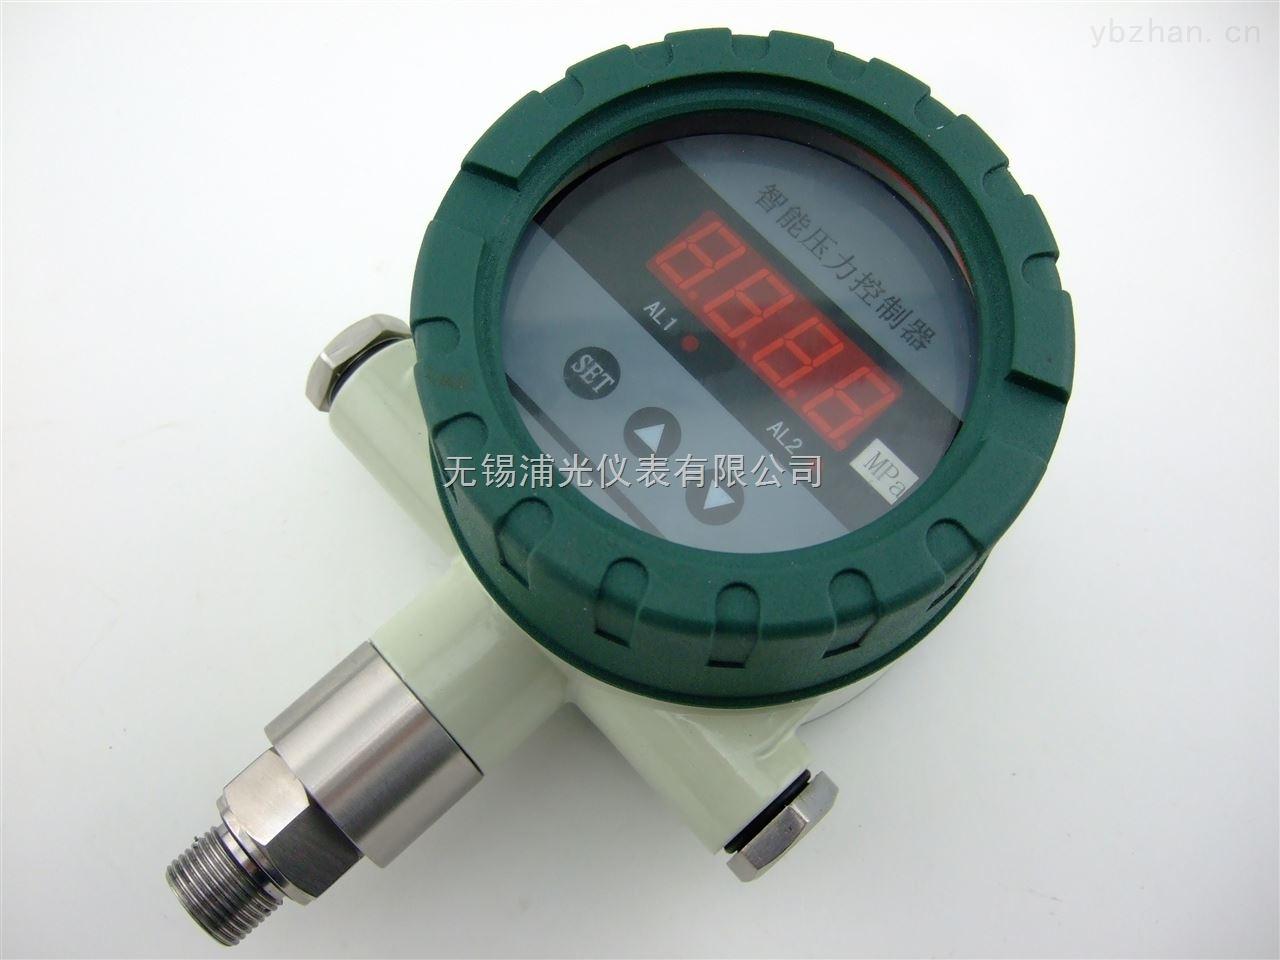 PG-131BP-無錫防爆數顯壓力開關